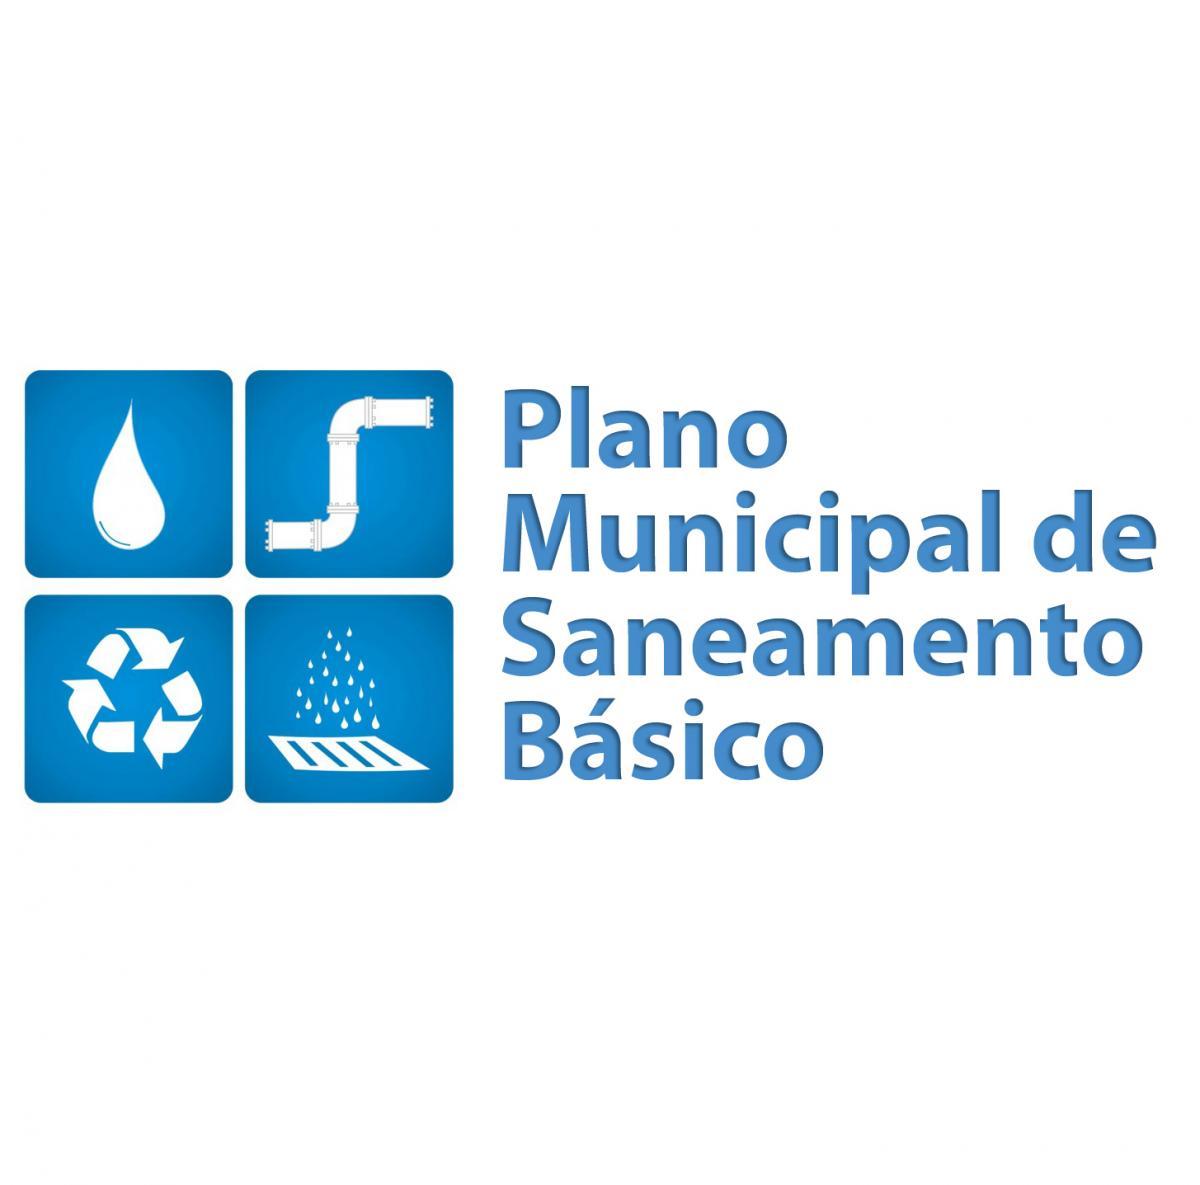 Prorrogado para 2019 prazo para elaboração dos Planos Municipais de Saneamento Básico